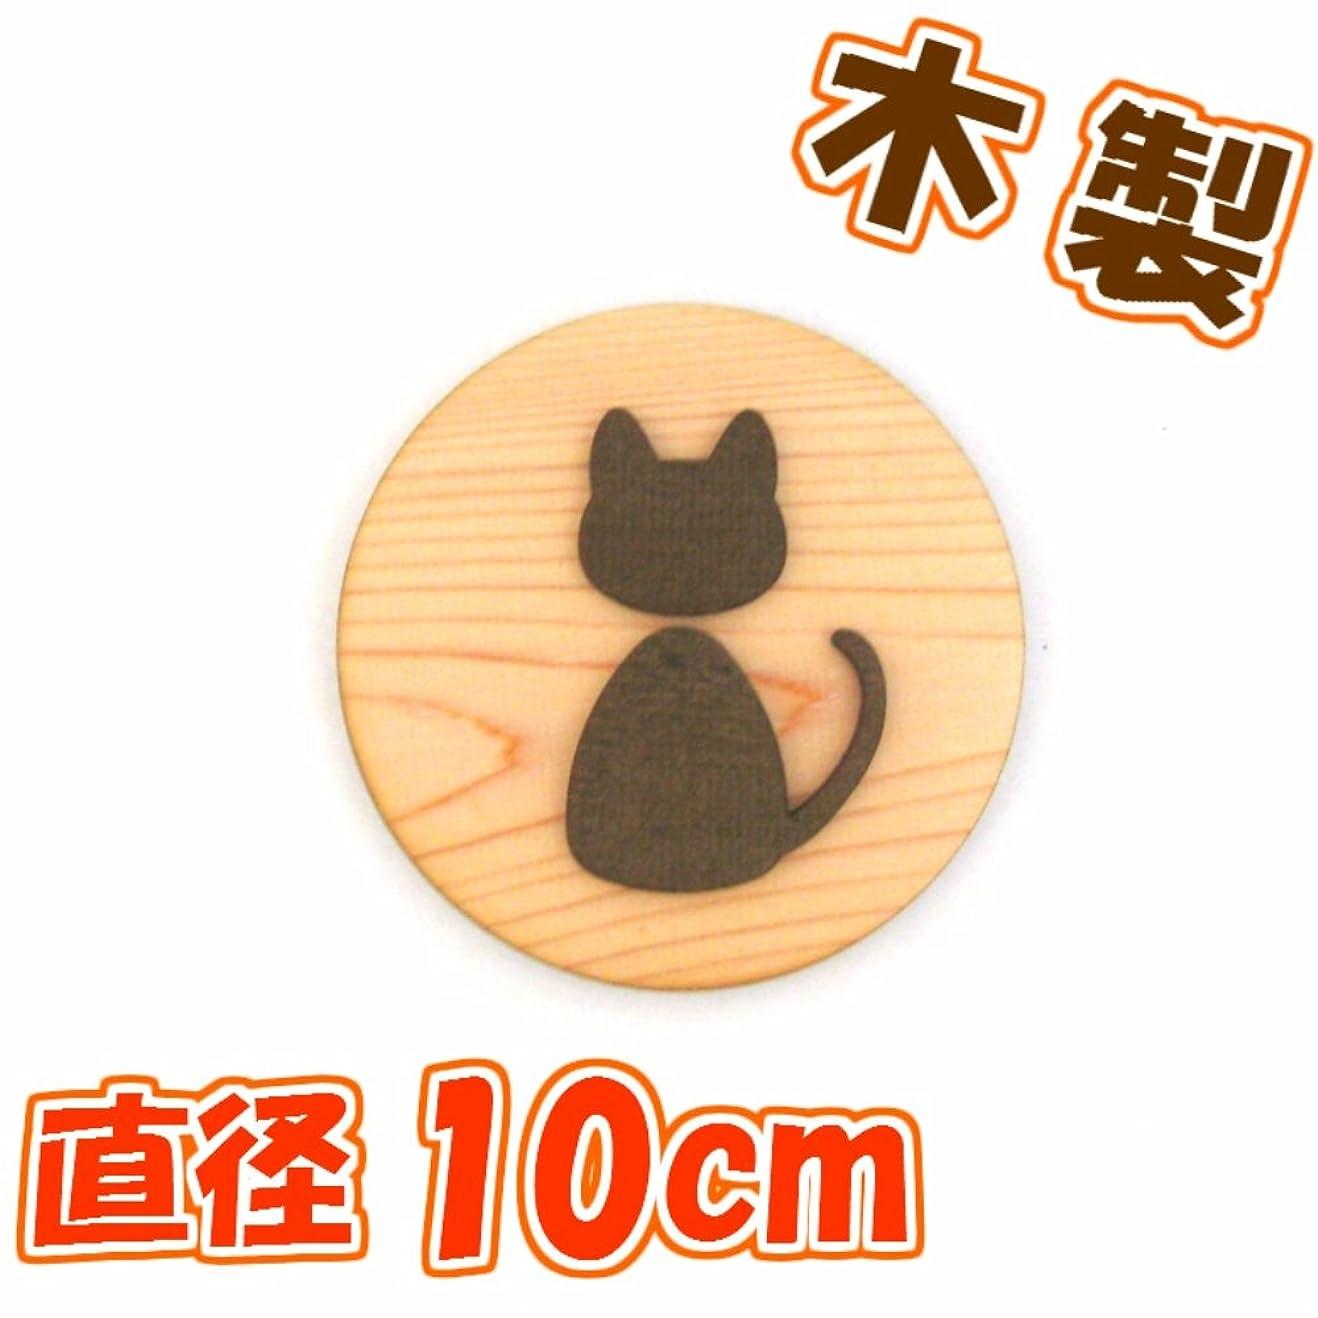 区白菜くさび木製凸凹丸型トイレプレート 猫 女 直径10センチ  A マークカラー?ブラウン